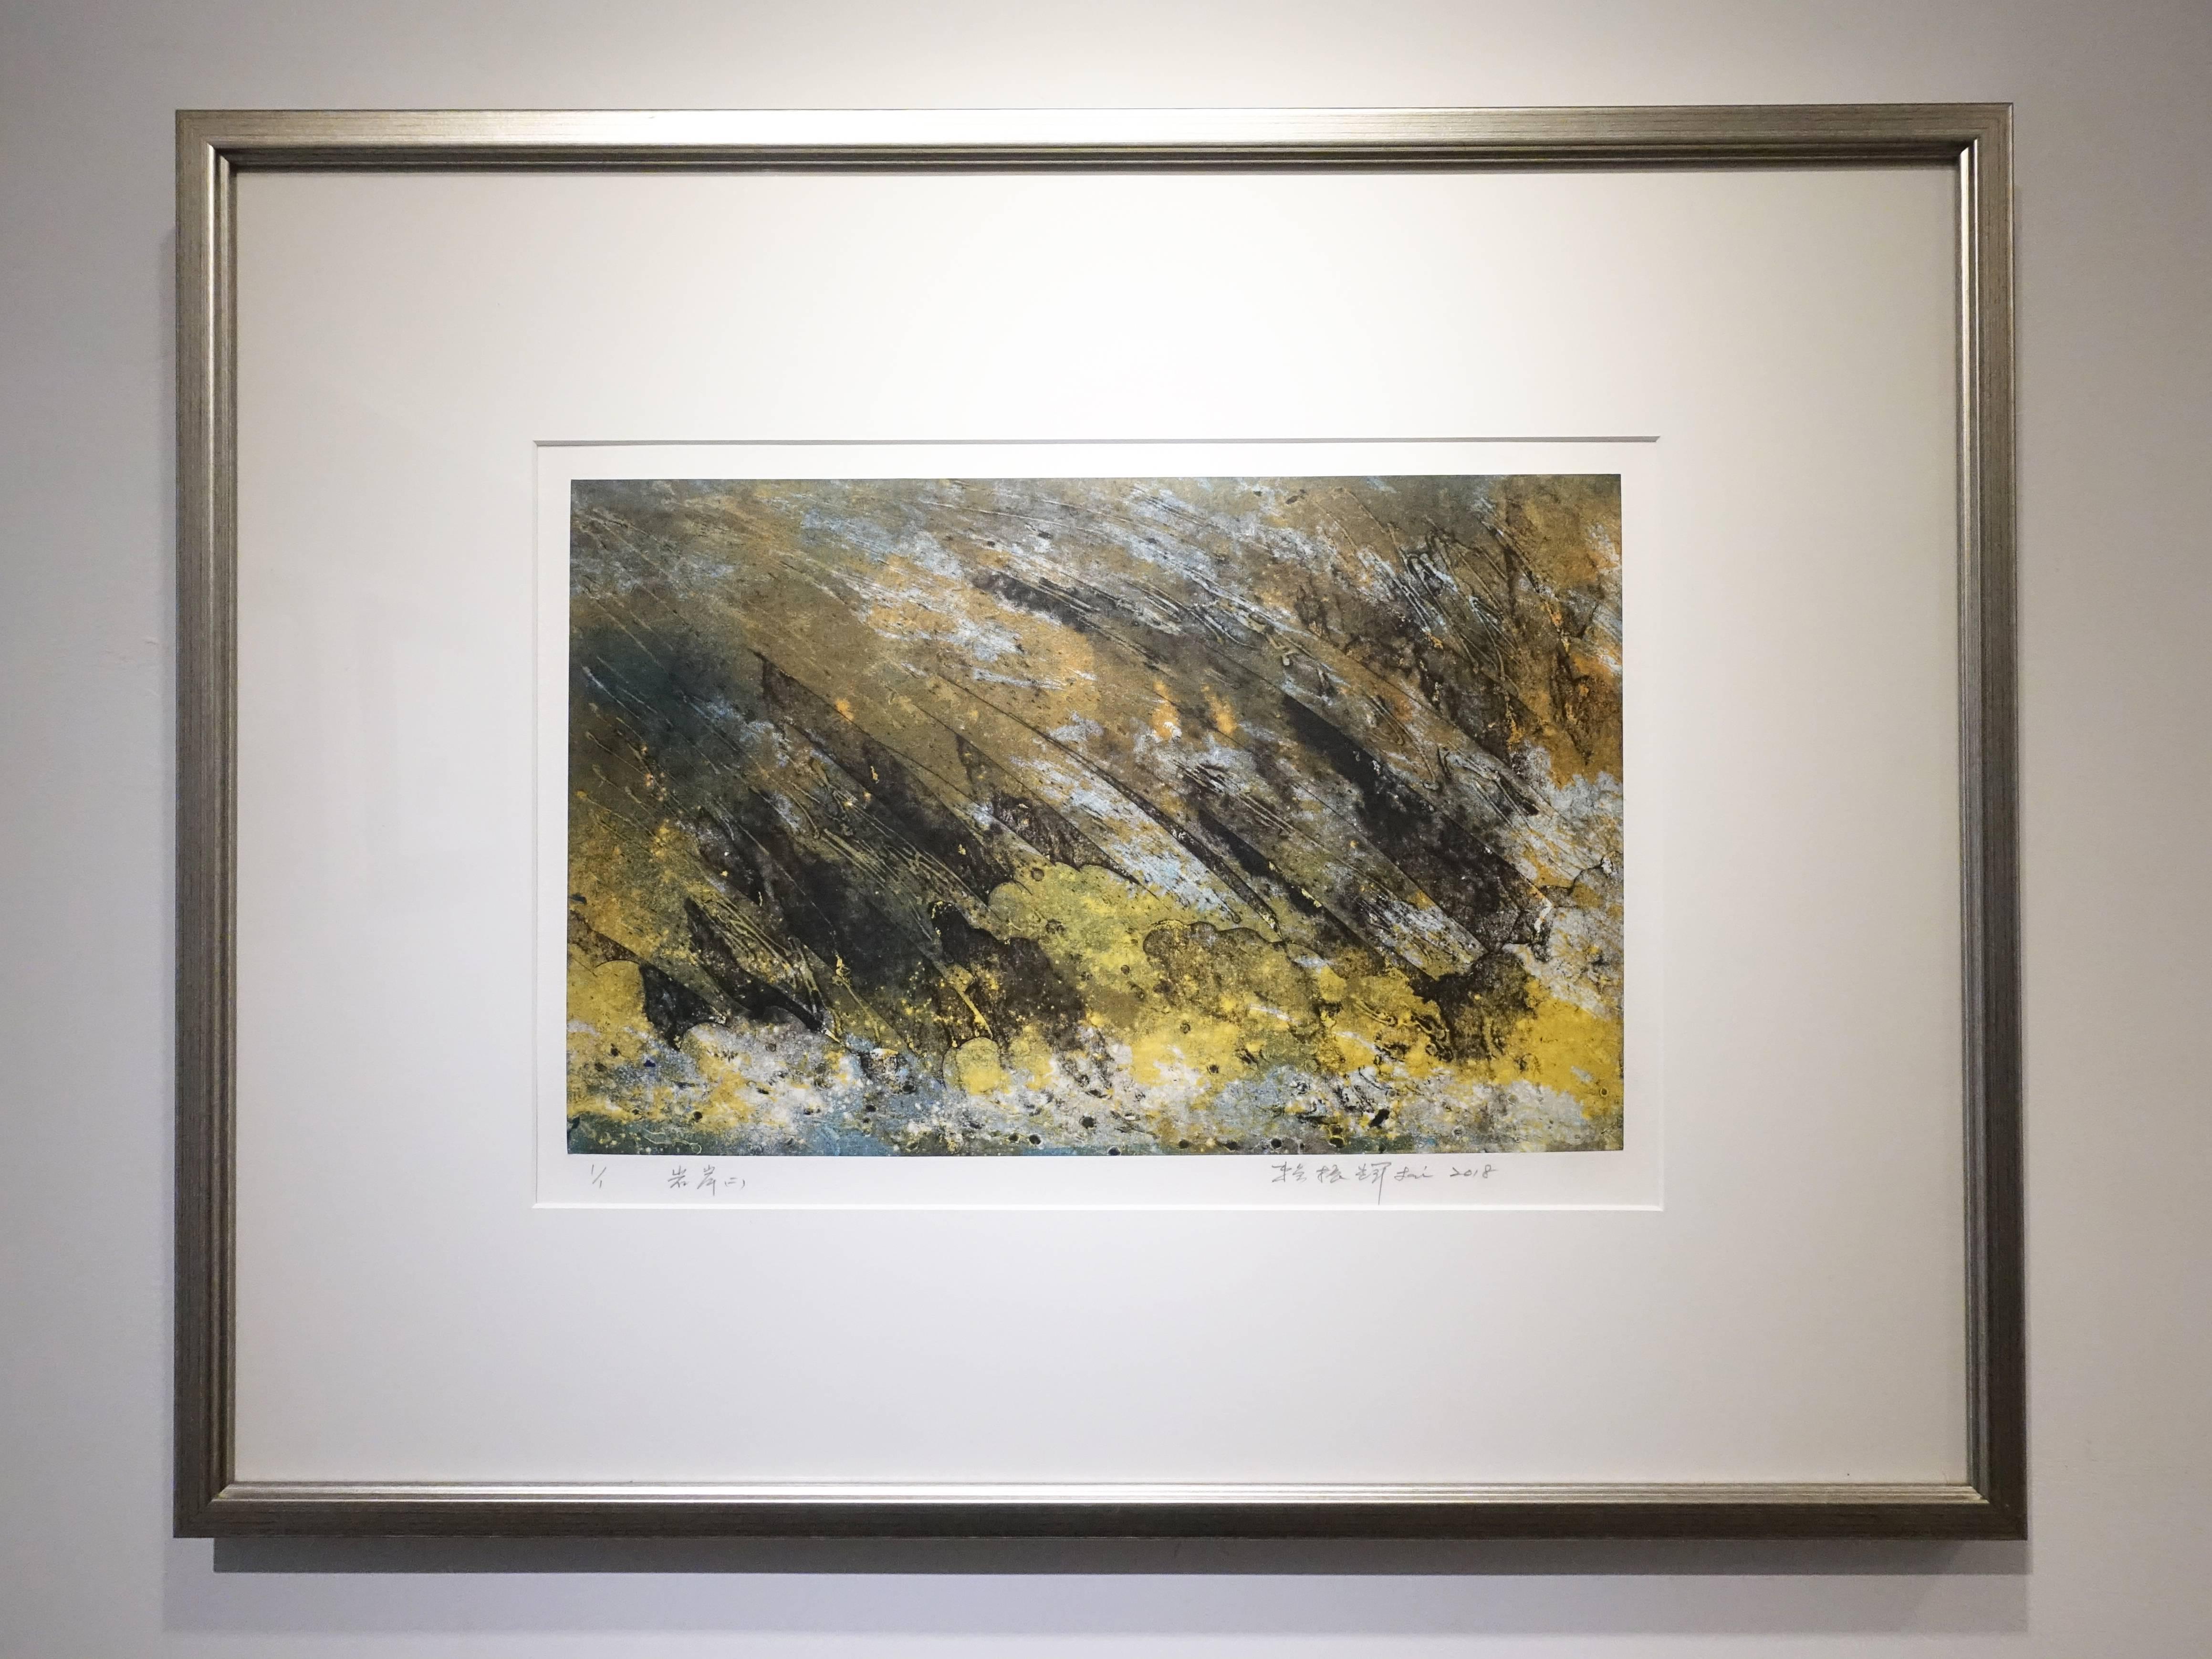 賴振輝,《岩岸(二)》,28 x 44 cm,1/1,併用版,2018。